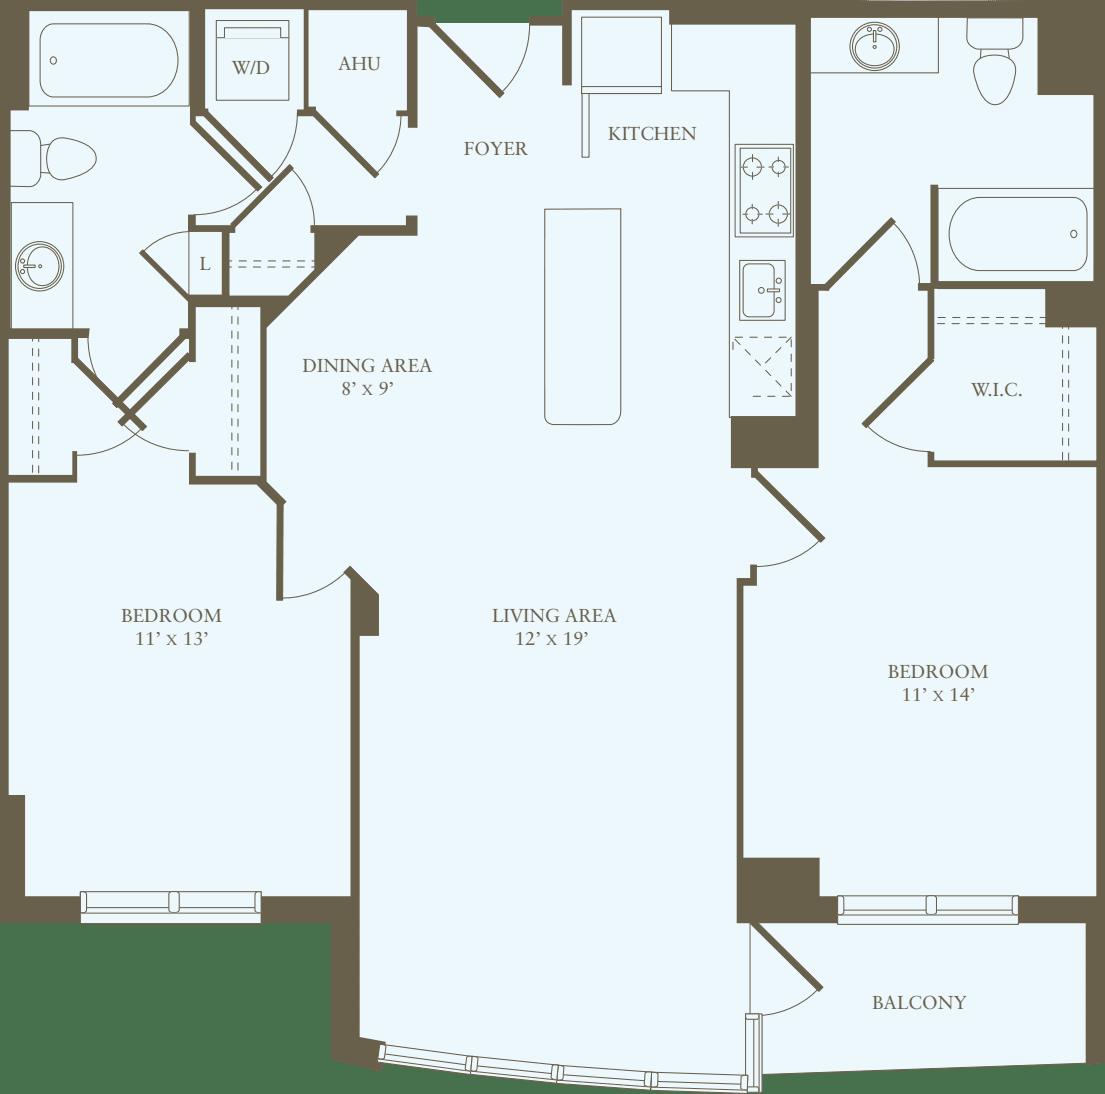 2 Bedrooms M